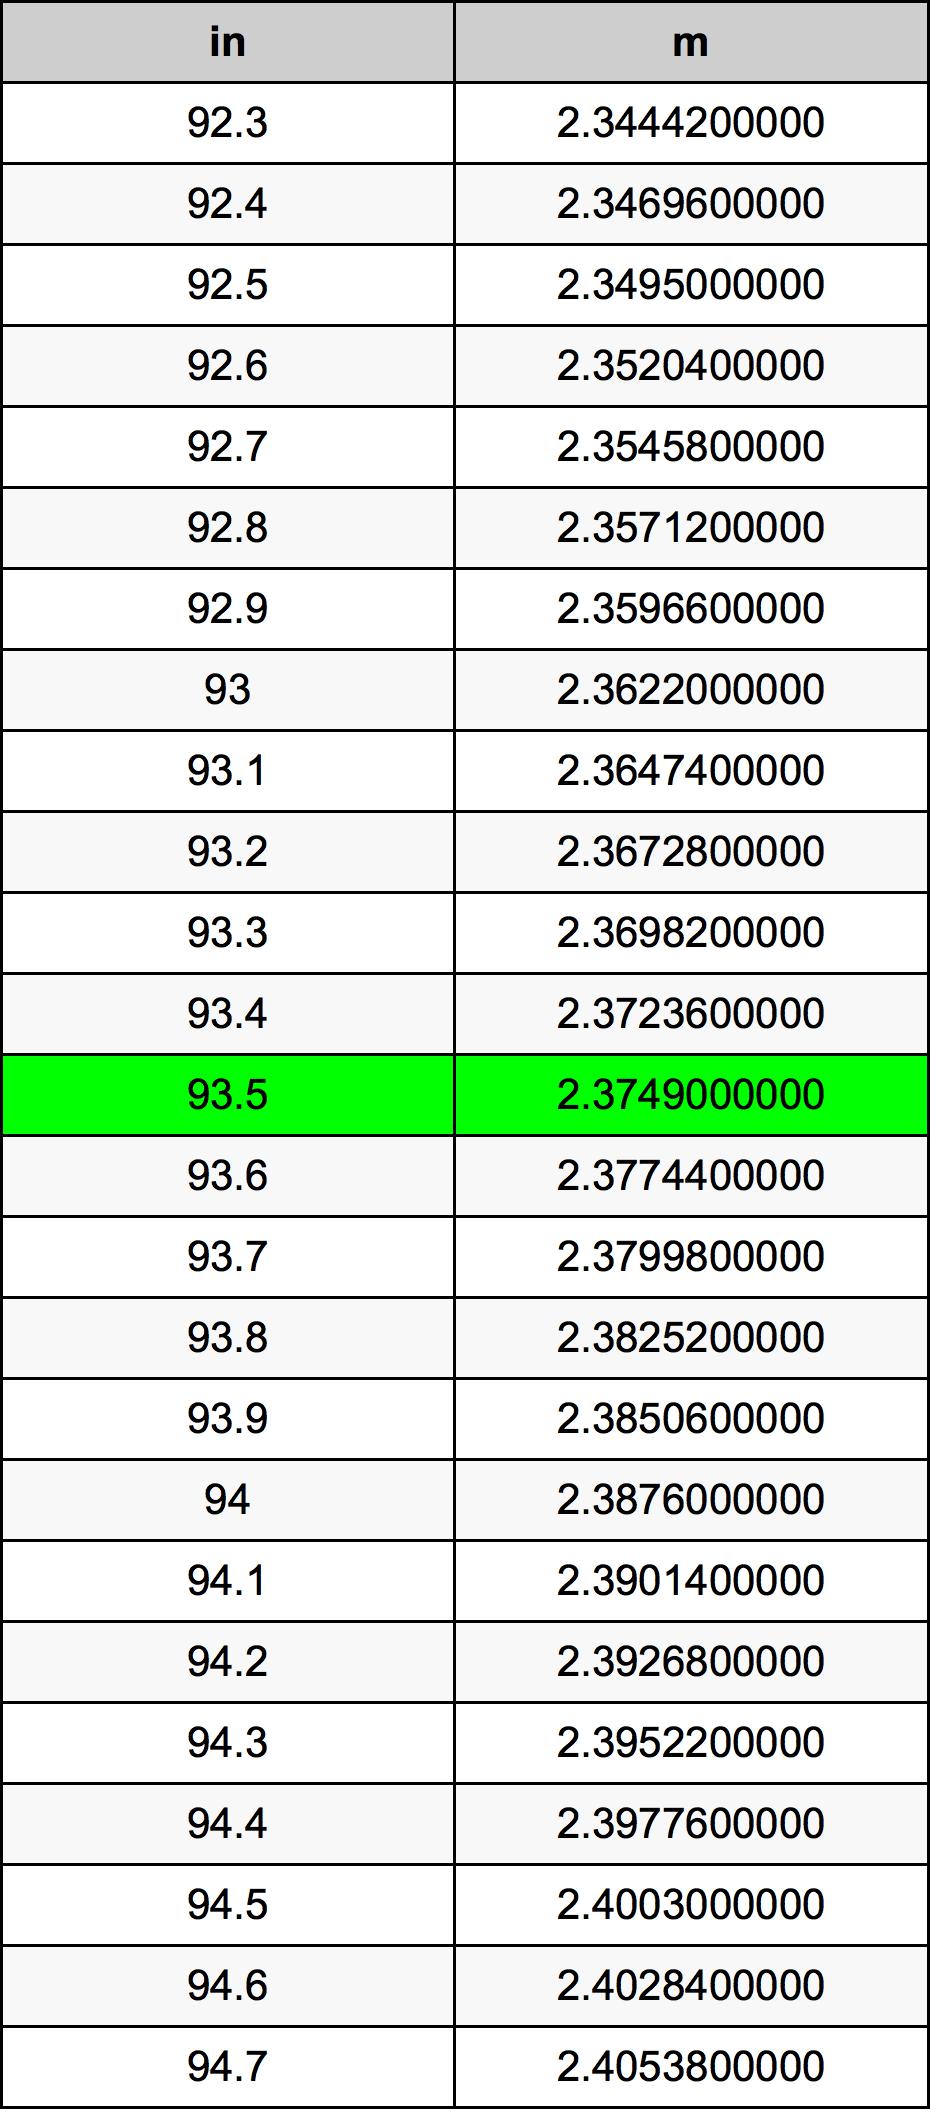 93.5 Pulzier konverżjoni tabella